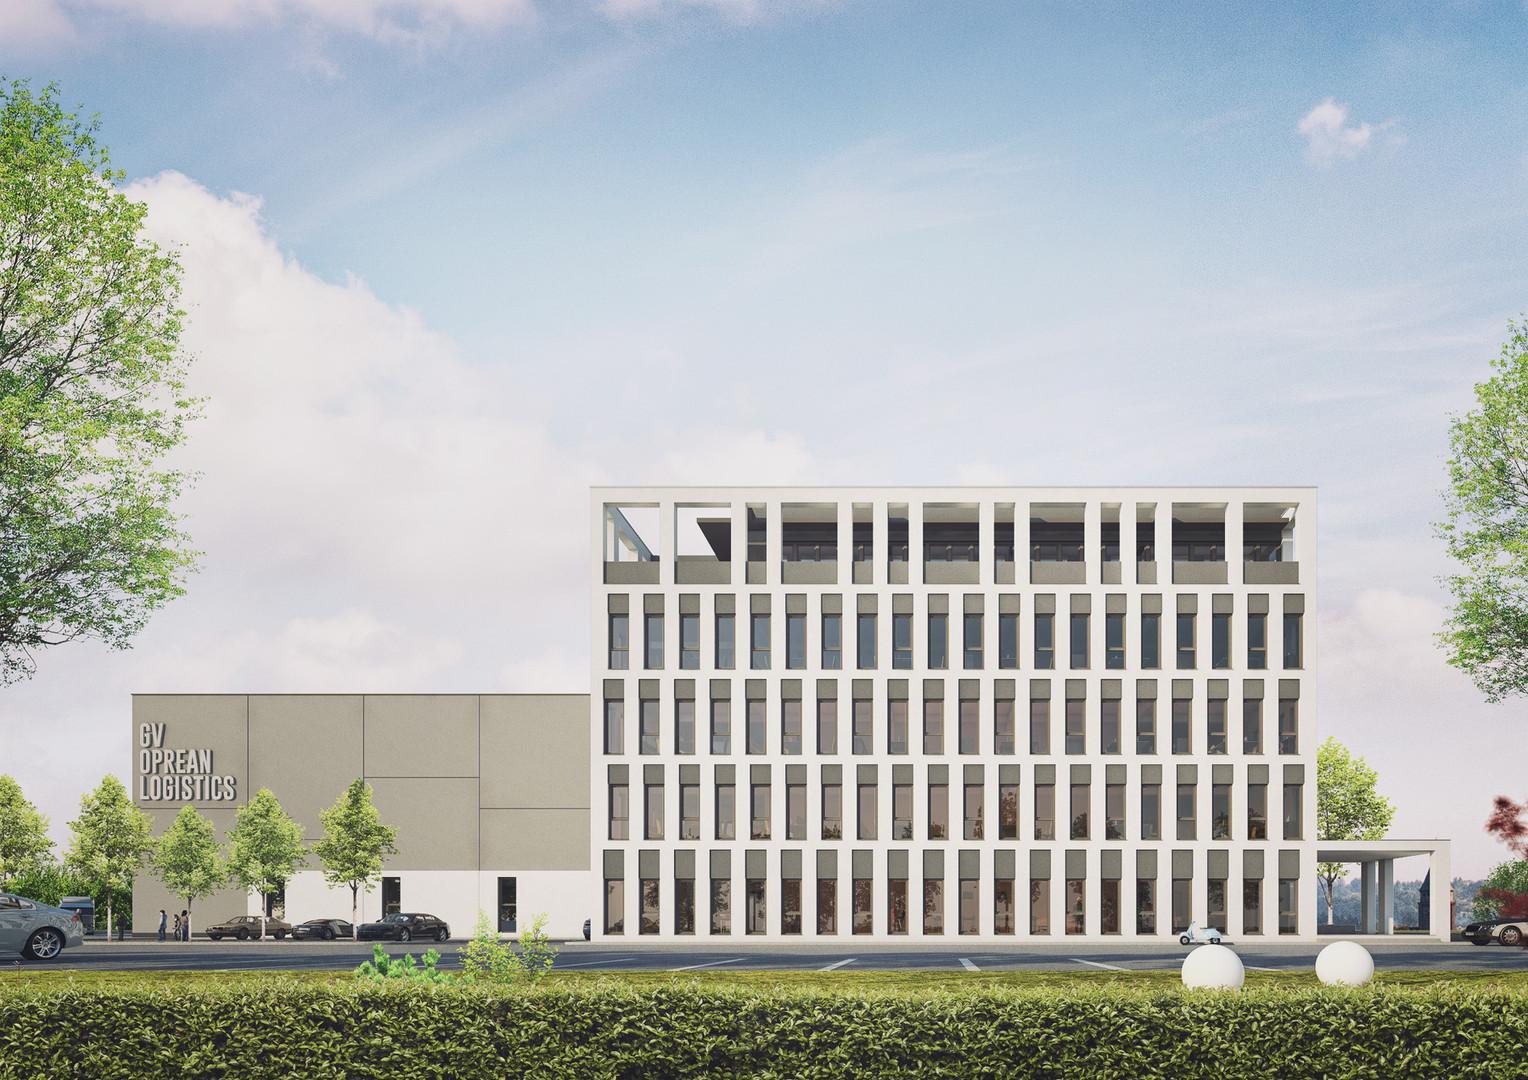 centru logistic si cladire birouri gv op